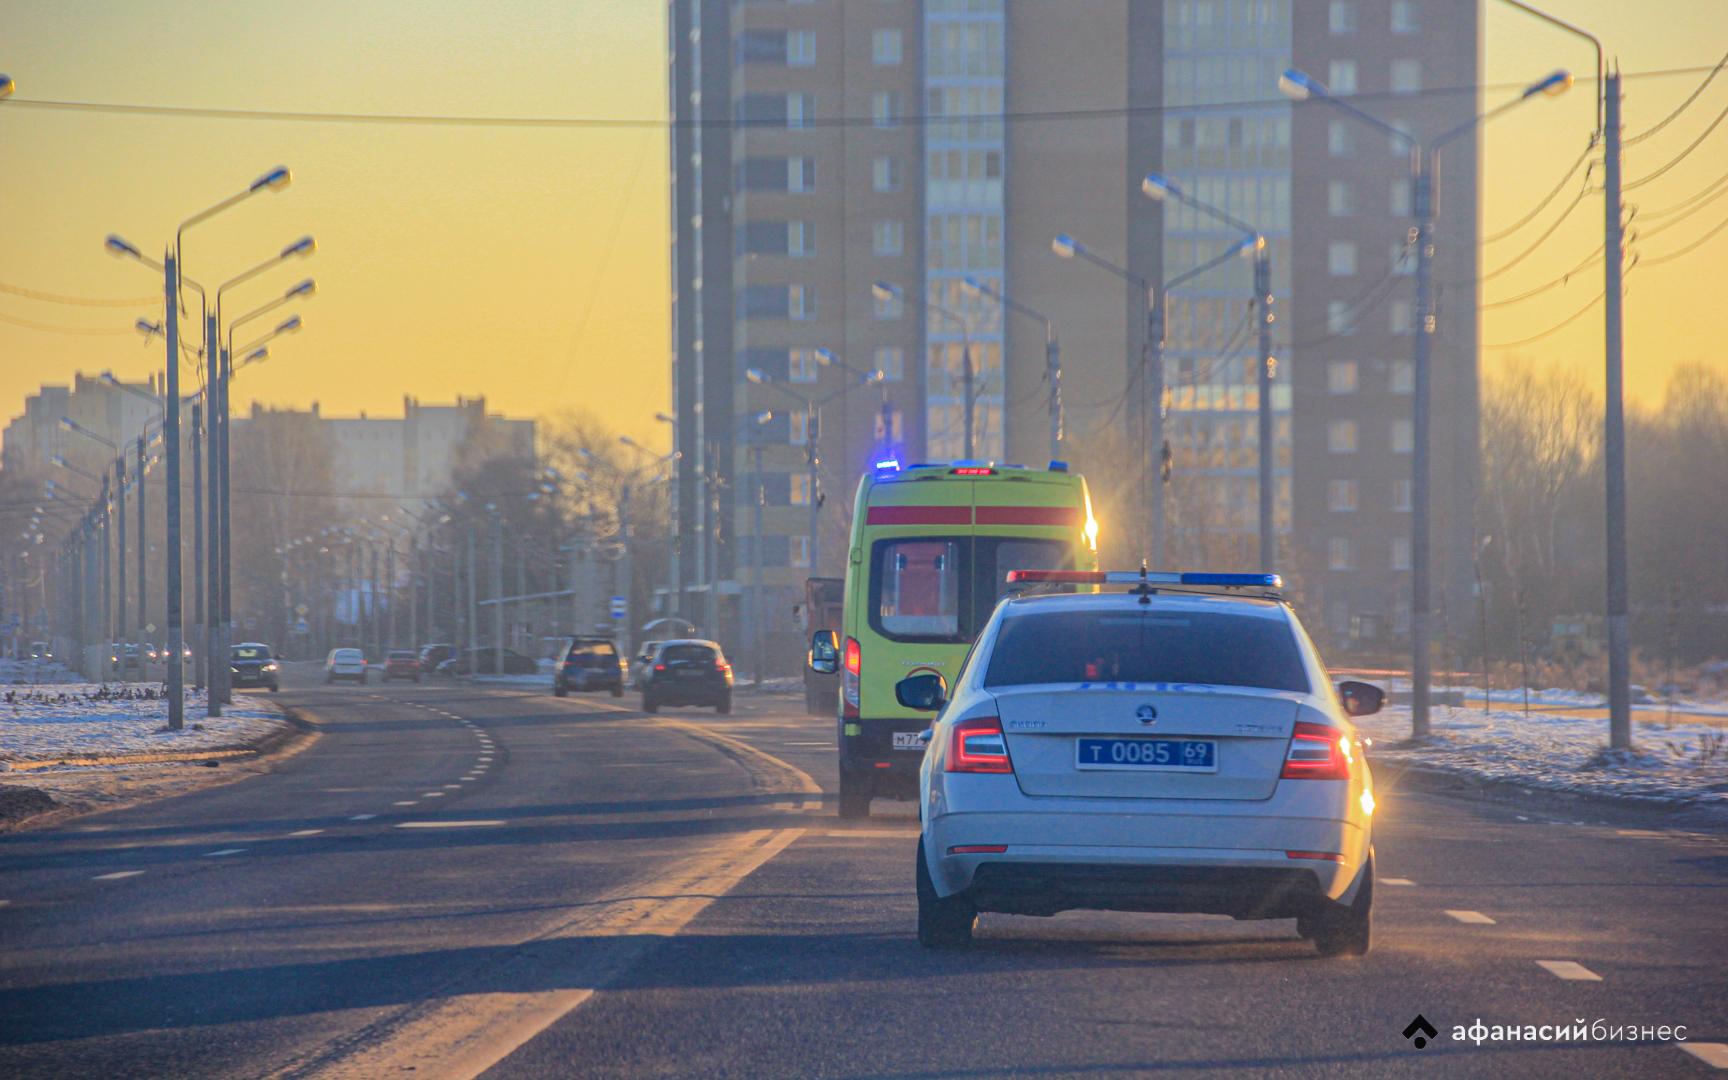 Мотоциклист попал в больницу после столкновения с легковушкой под Тверью - новости Афанасий